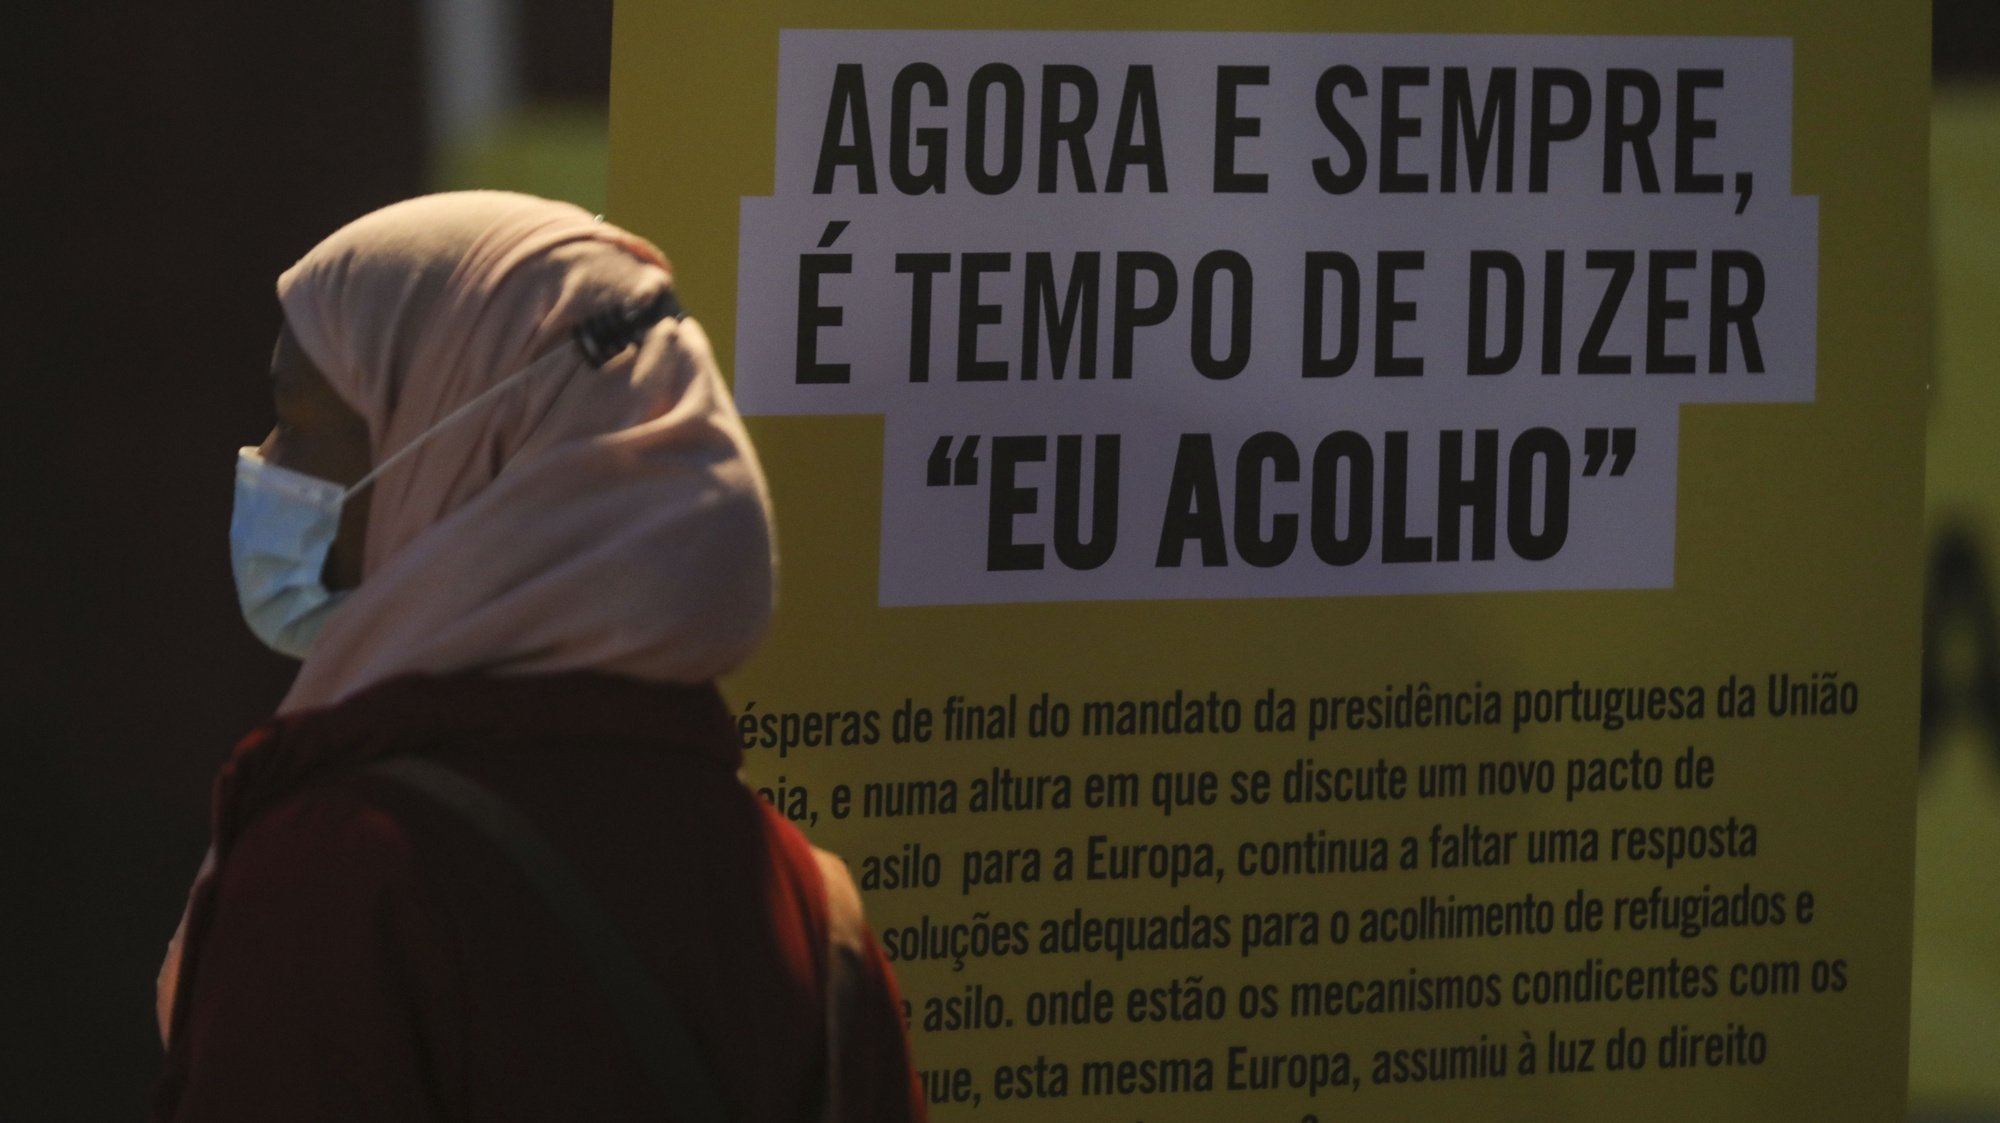 """Iniciativa """"Acender uma Vela pelos Migrantes e Refugiados"""". A Cáritas convida a acender uma vela e deixar uma mensagem de esperança, lembrando que """"cada pessoa que sai do seu país tem uma motivação que em muitas situações o ultrapassa e que o acolhimento deve ser o primeiro gesto de quem o recebe"""", Lisboa, 20 de junho de 2021. MIGUEL A. LOPES/LUSA"""